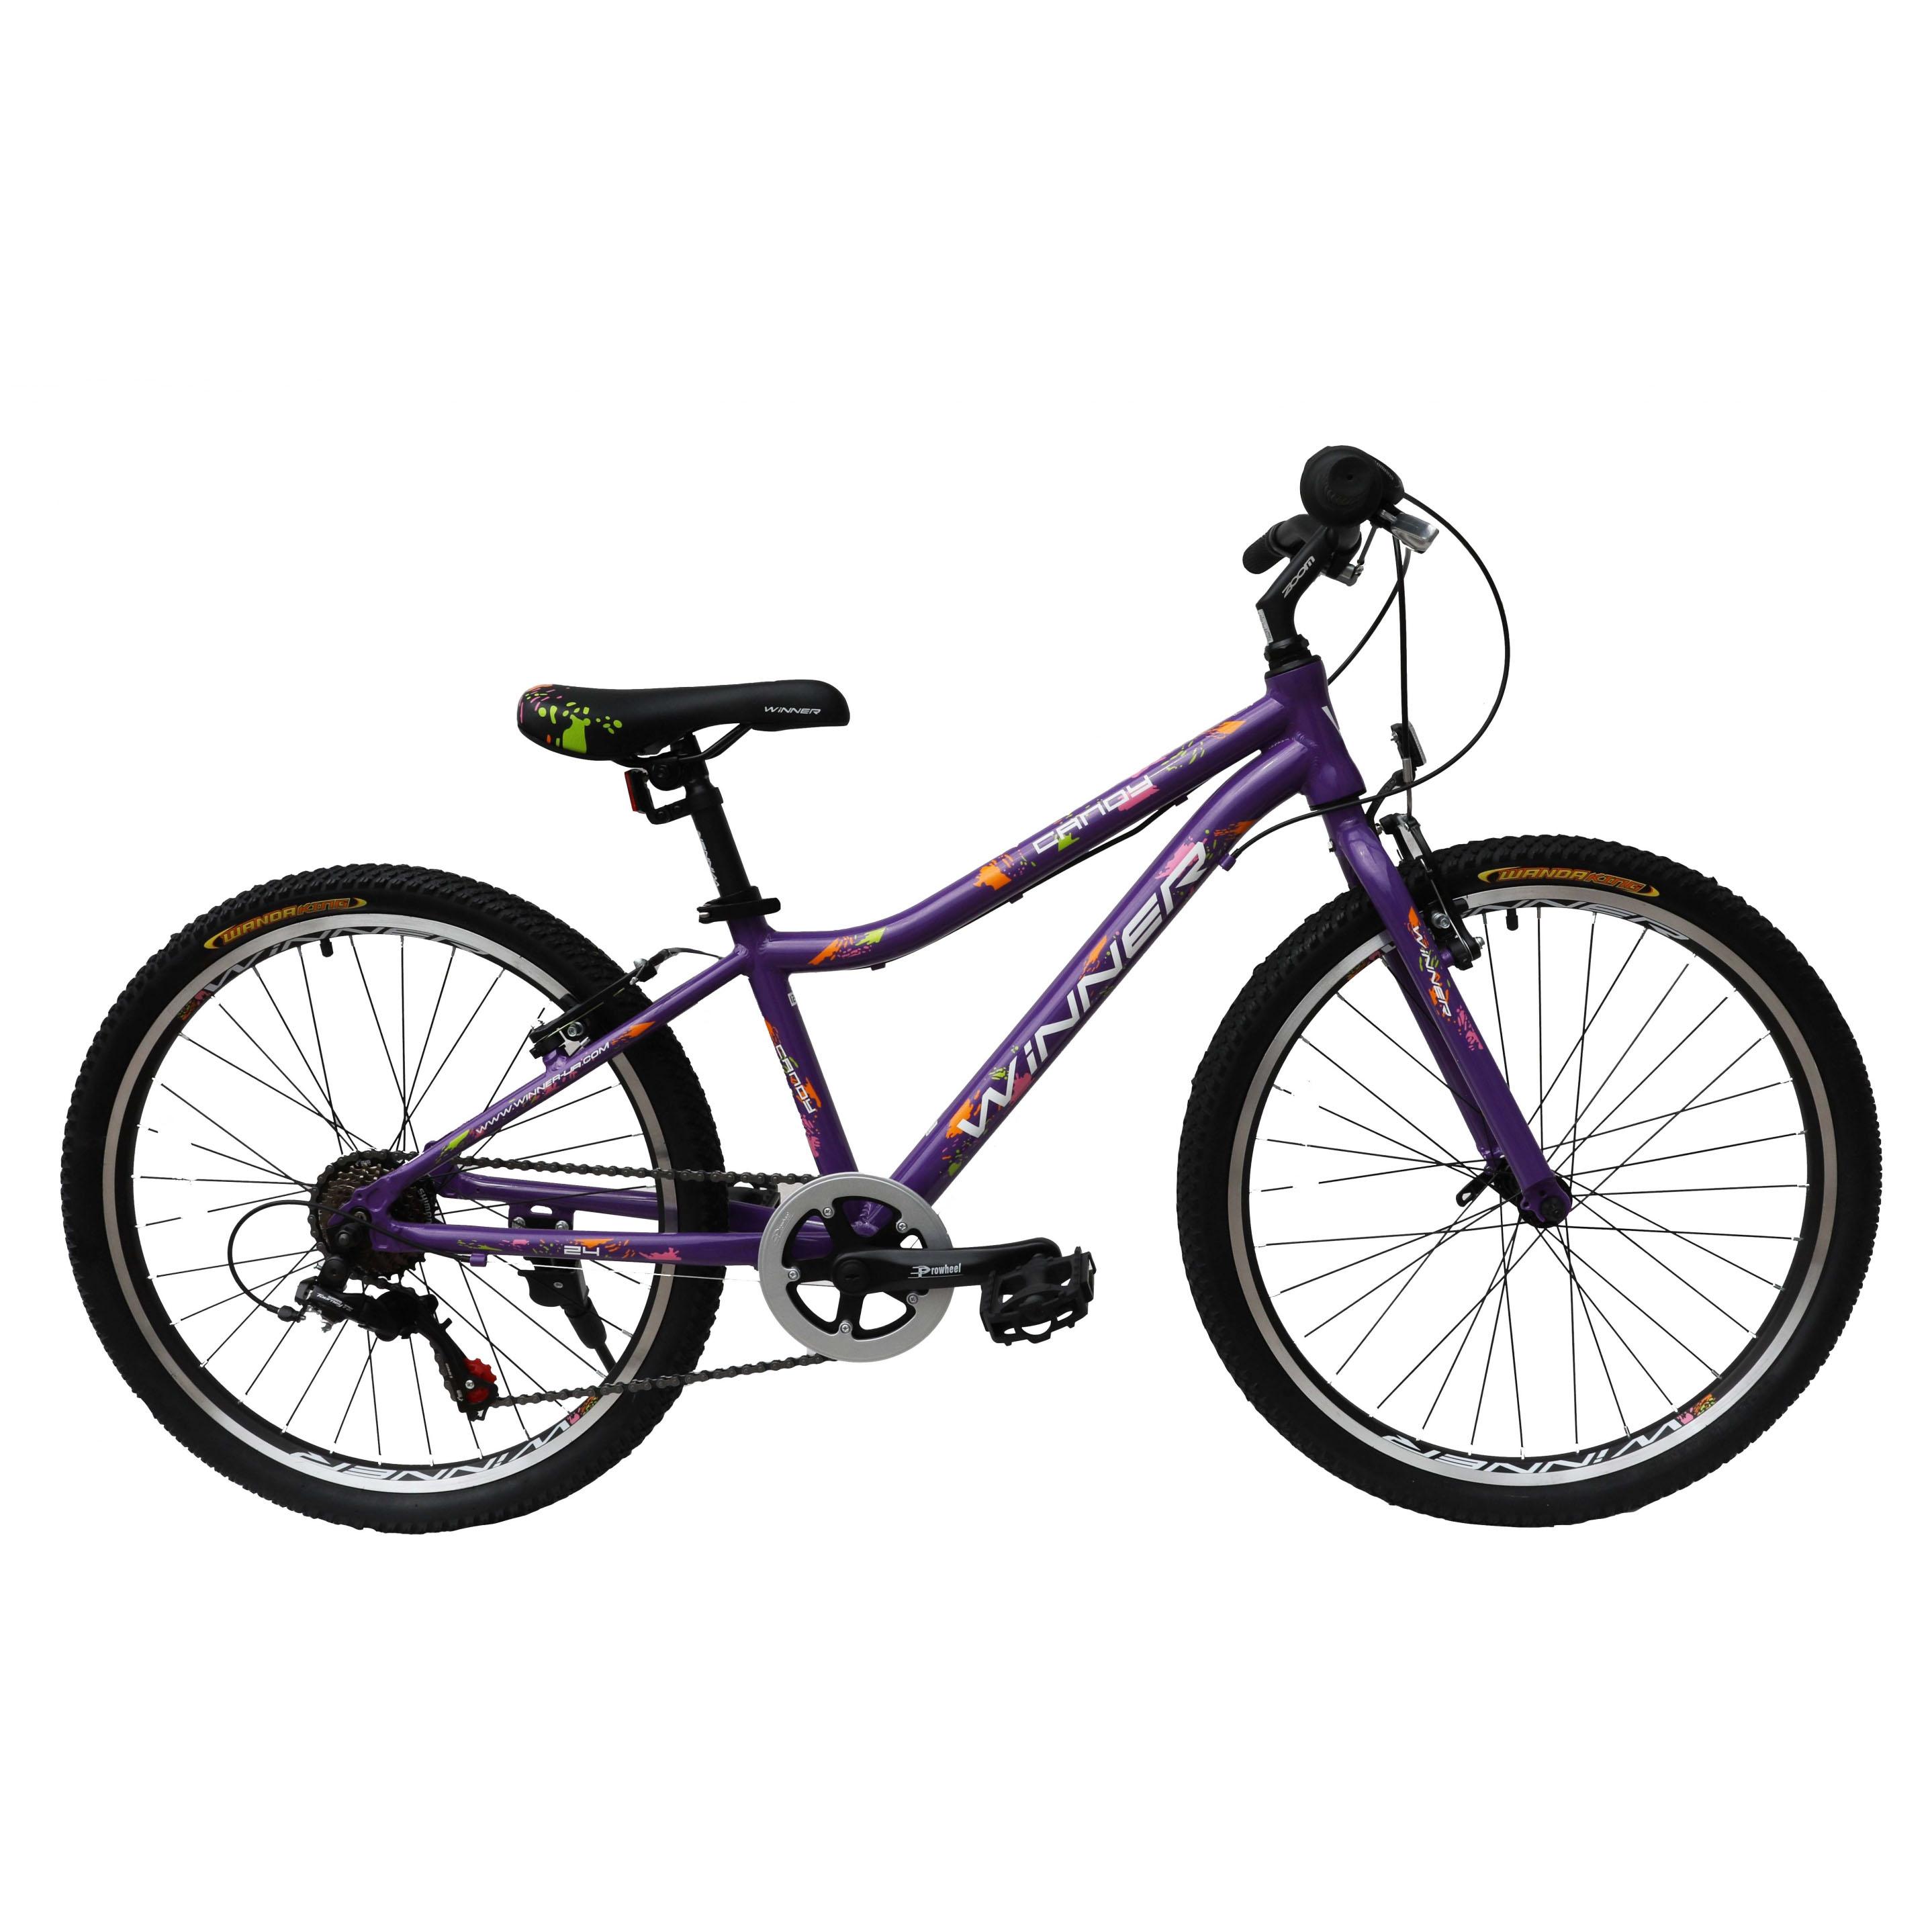 Фото Подростковый Велосипед Winner 24″ CANDY 13″ (фиолетовый)